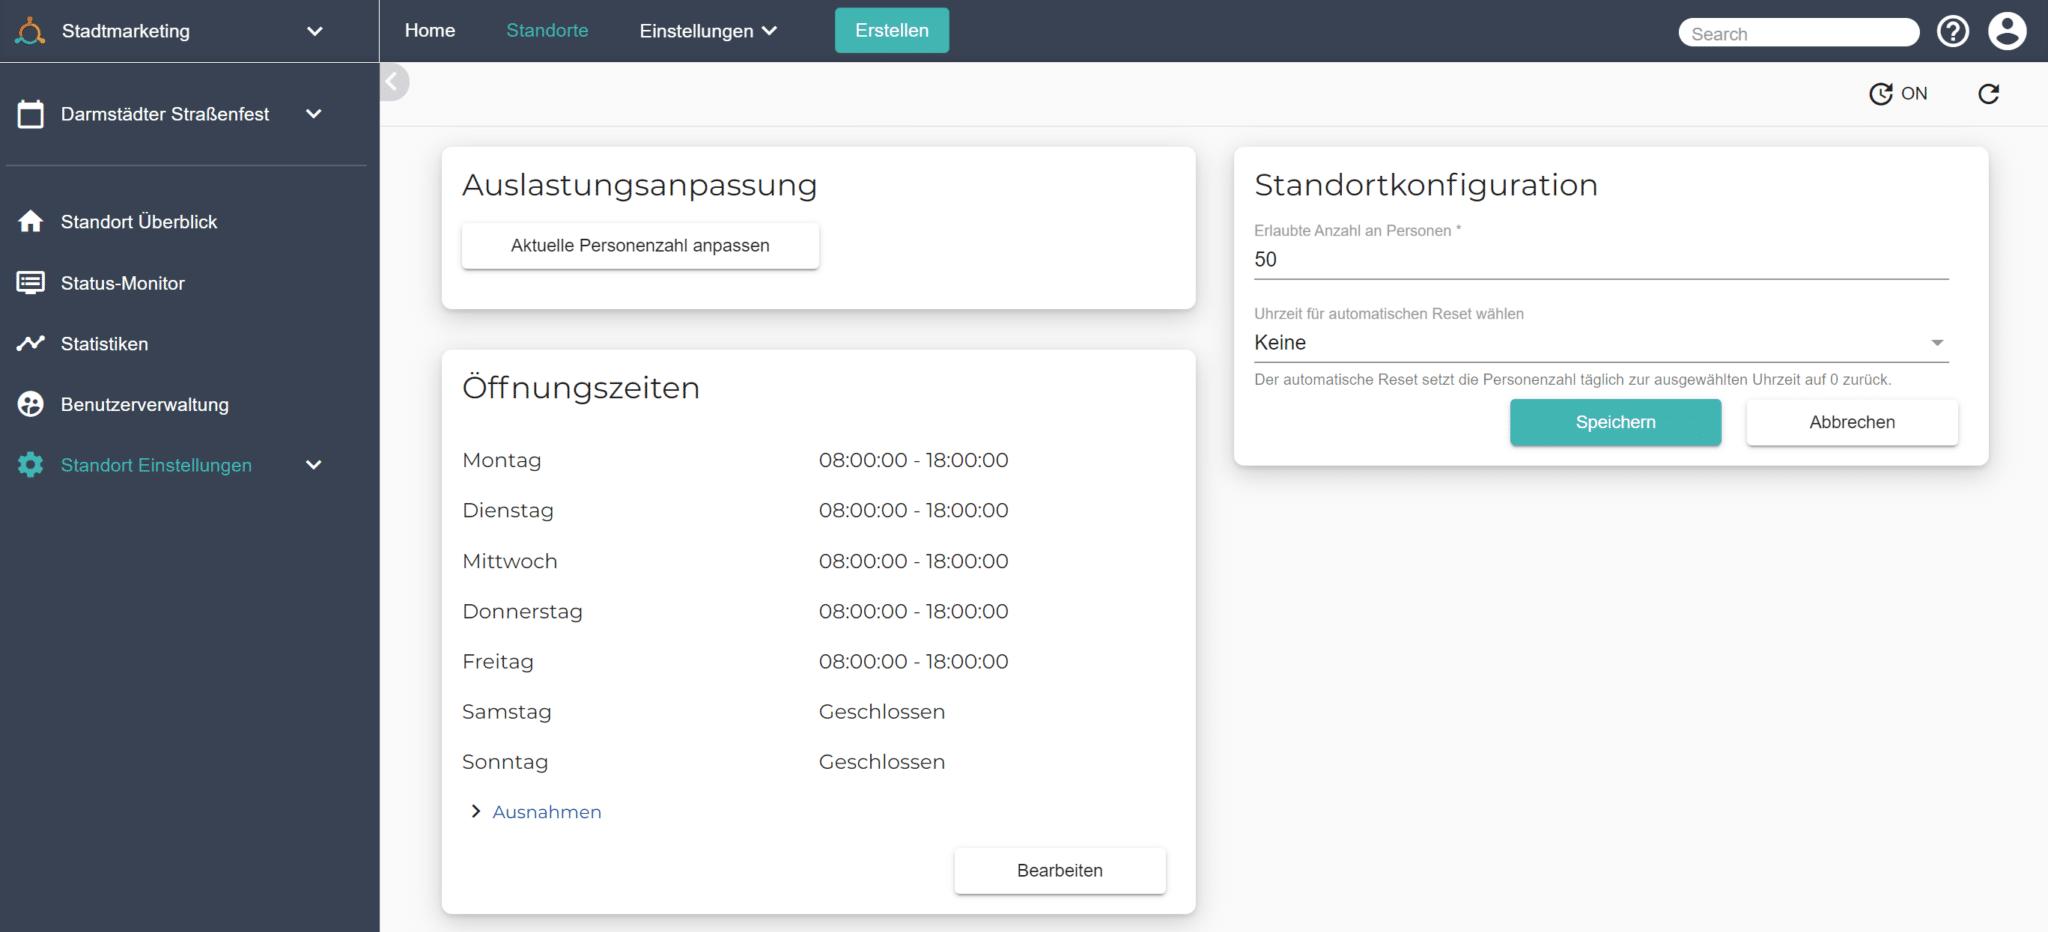 Ein Screenshot zeigt, wie Sie die maximale Auslastung Ihrer Veranstaltung konfigurieren, um die Zähl App von Connfair zu nutzen.